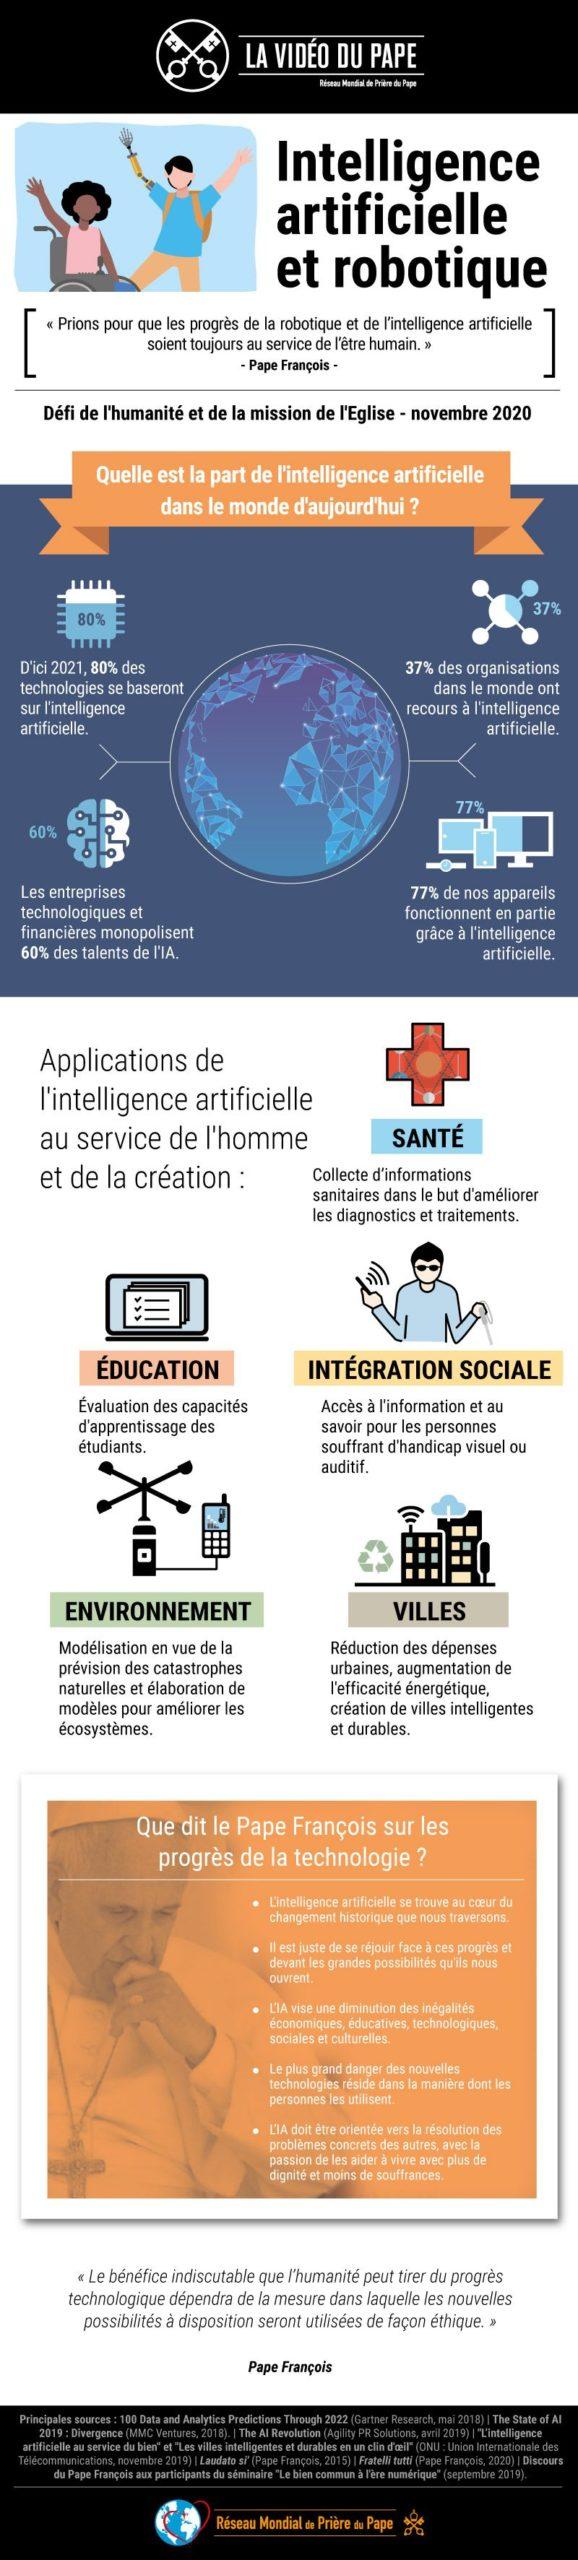 Infographie - TPV 11 2020 FR - La Vidéo du Pape - L'intelligence artificielle